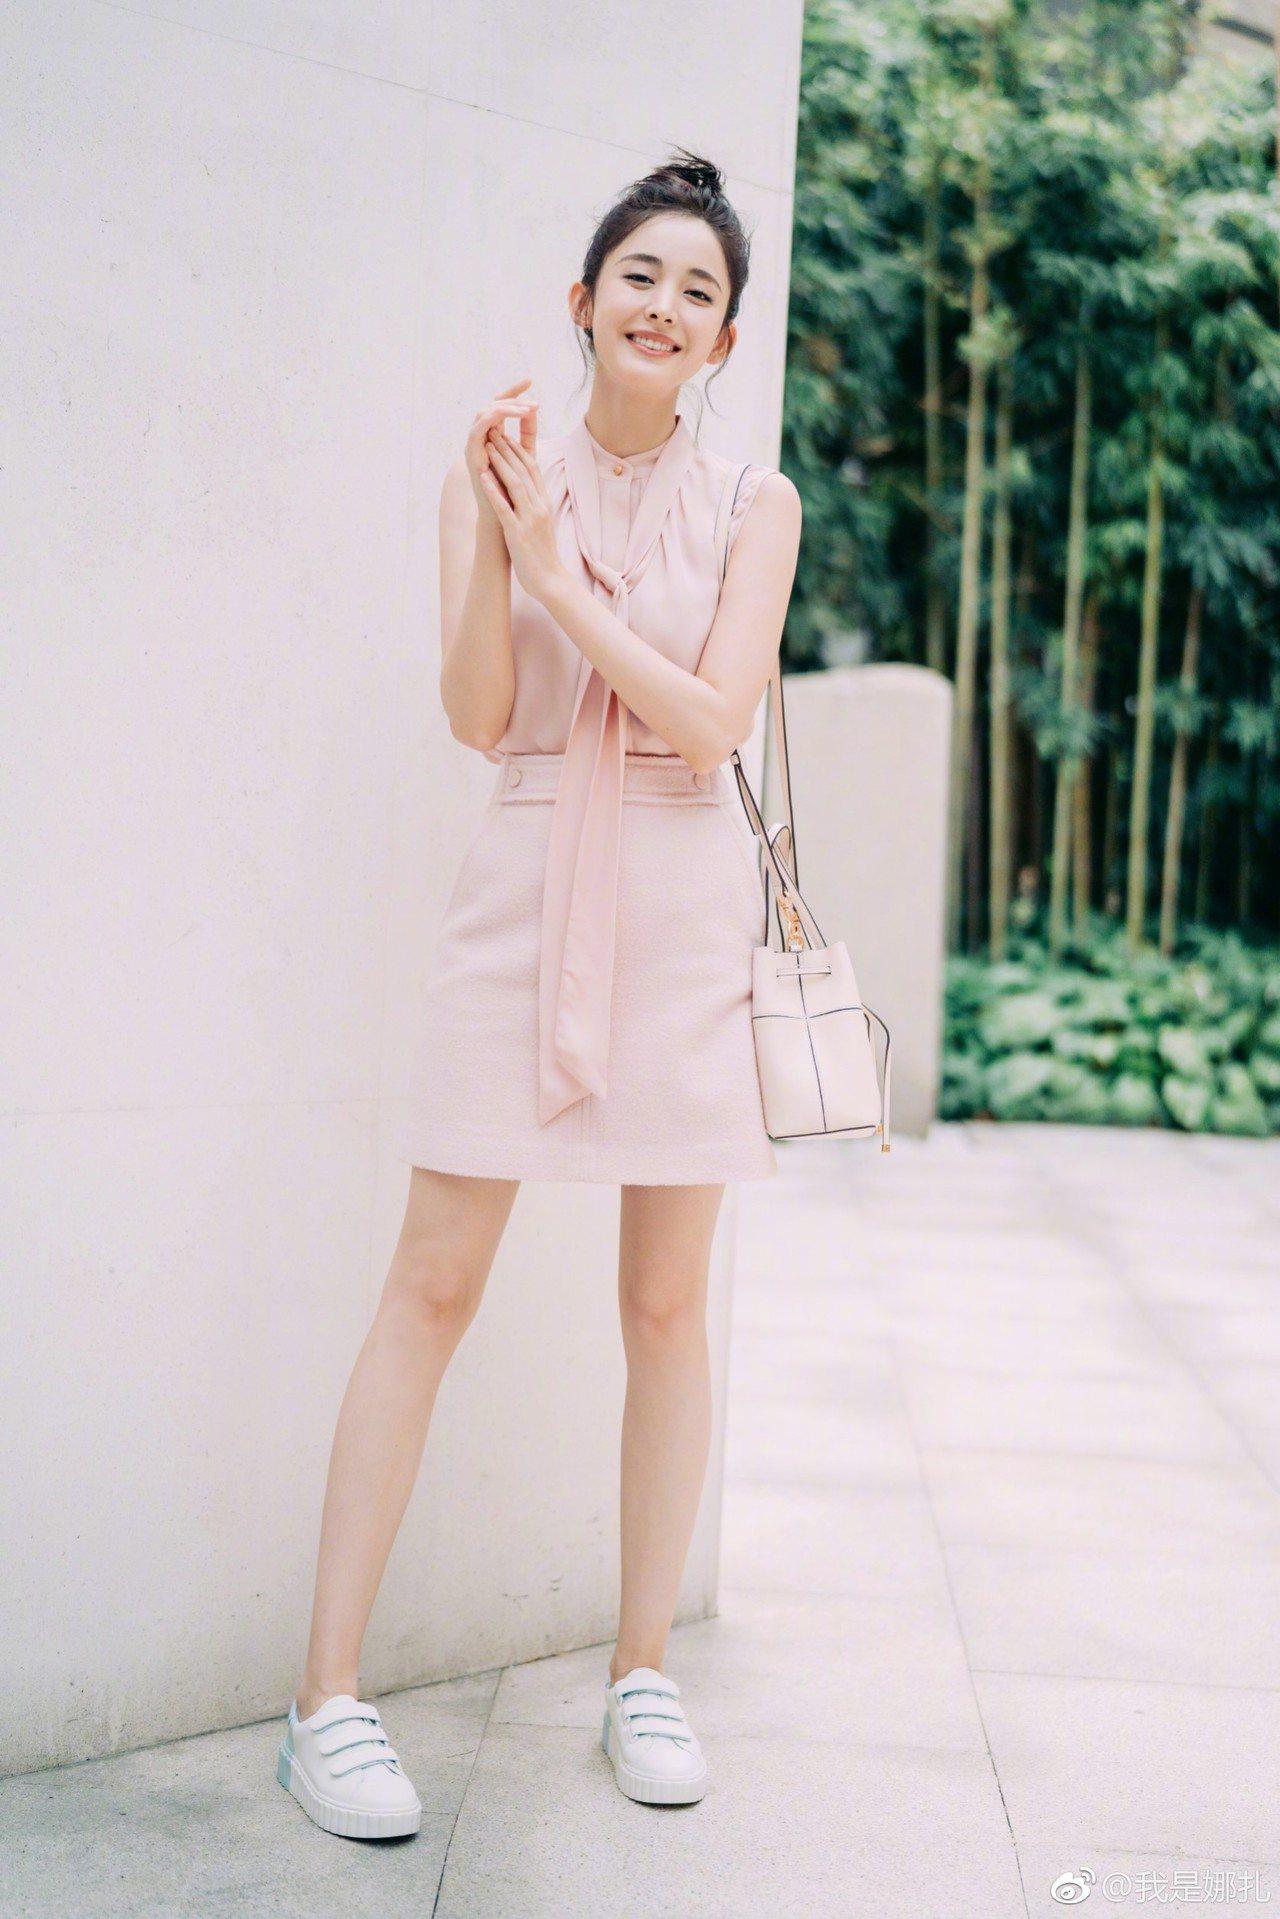 古力娜扎飛去看TORY BURCH秀前,身穿粉色襯衫(未定價)、粉色羊毛短裙13...